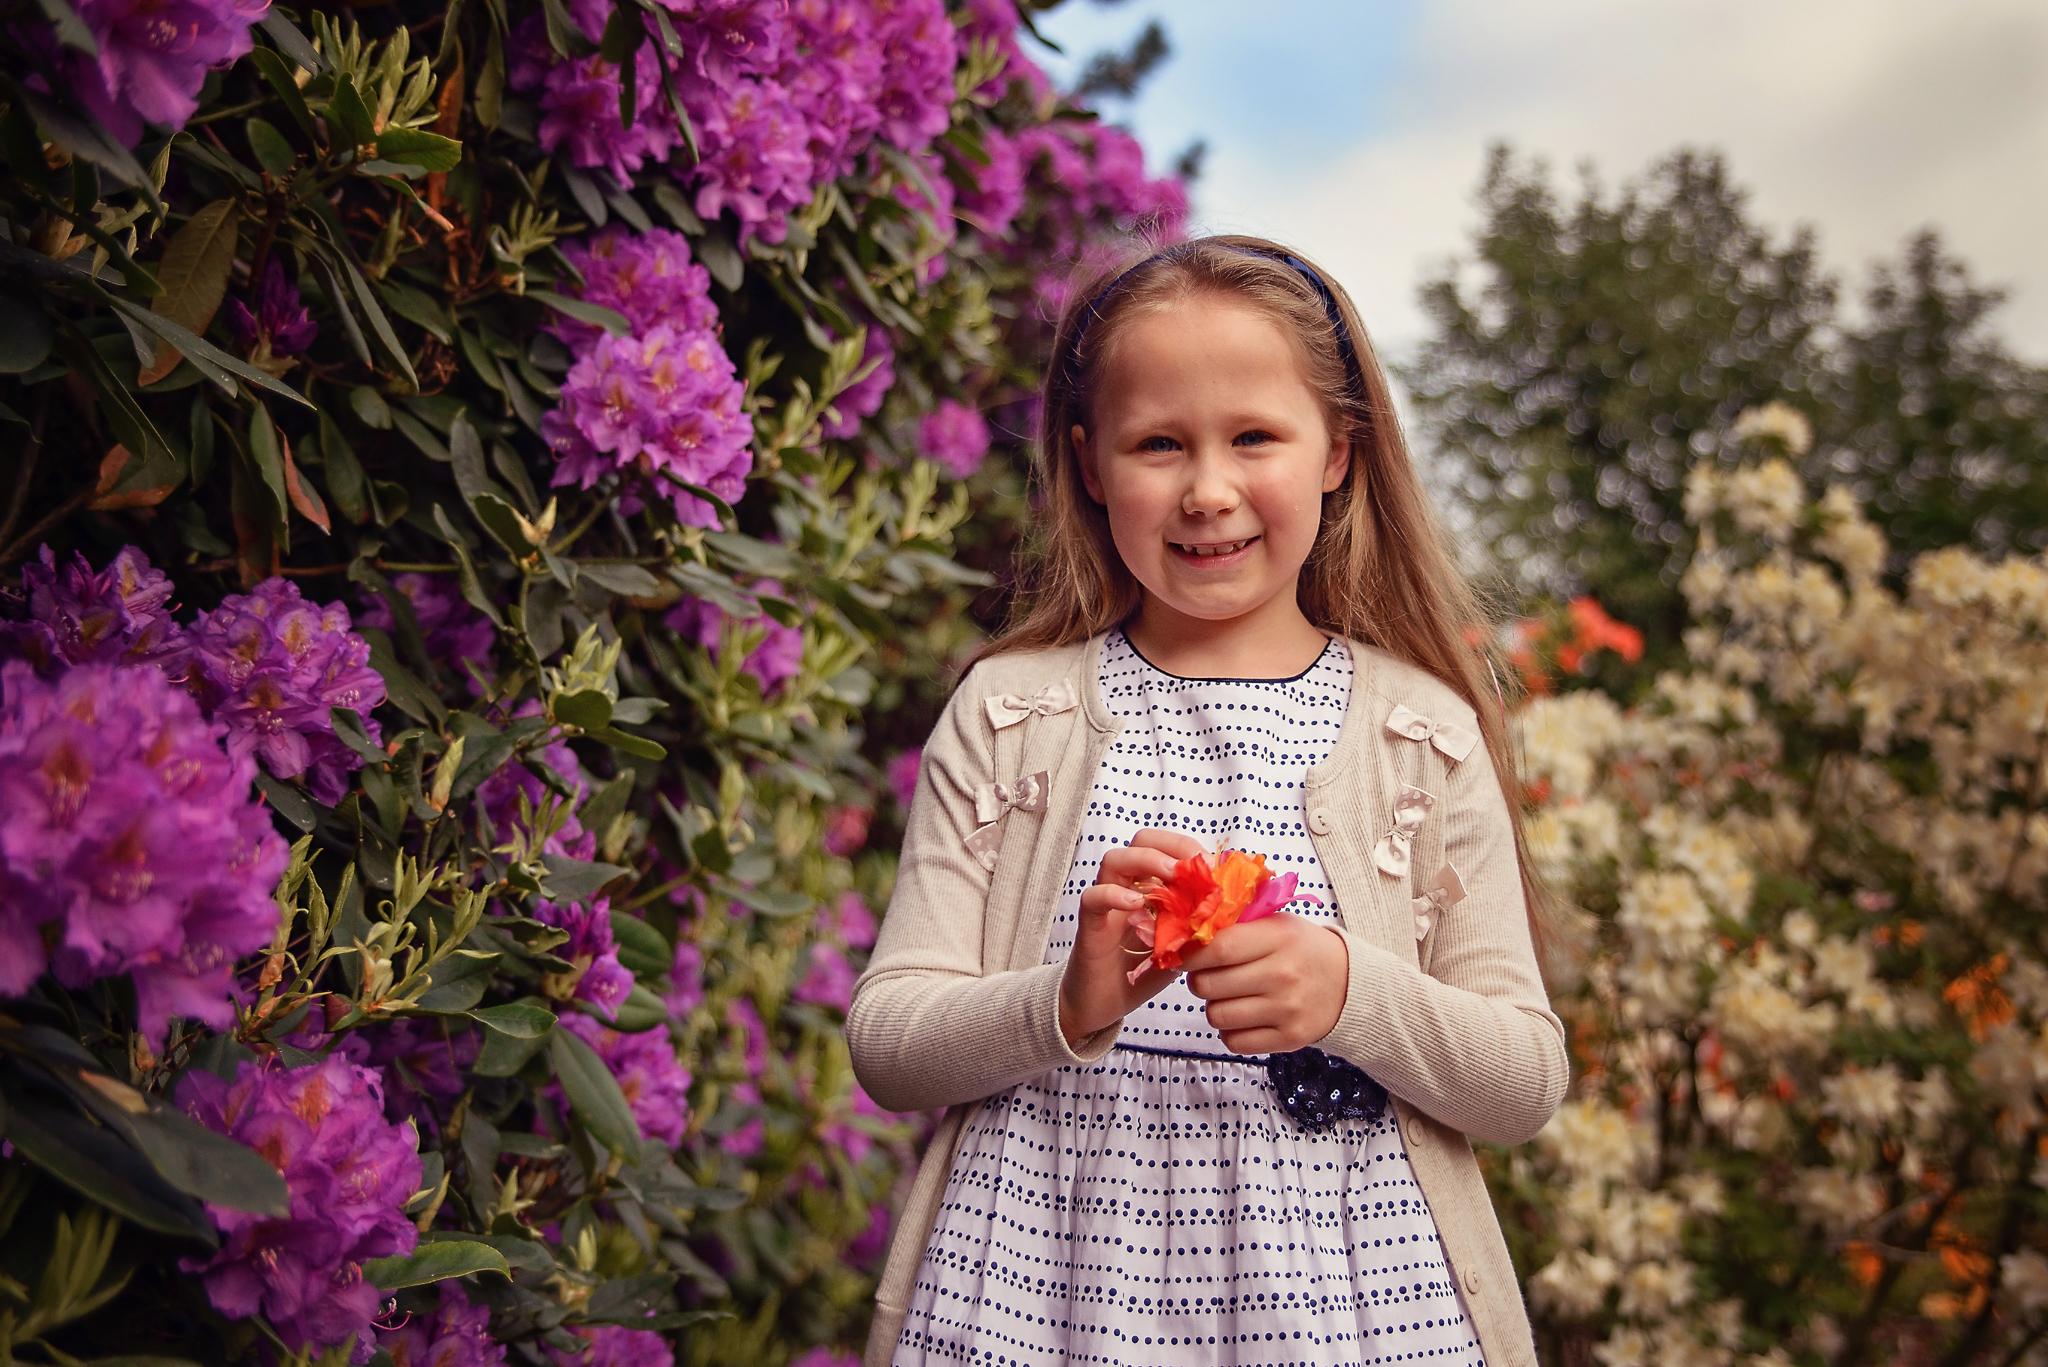 sesja z rododendronem Sesja dziecięca w azaliach i rododendronach